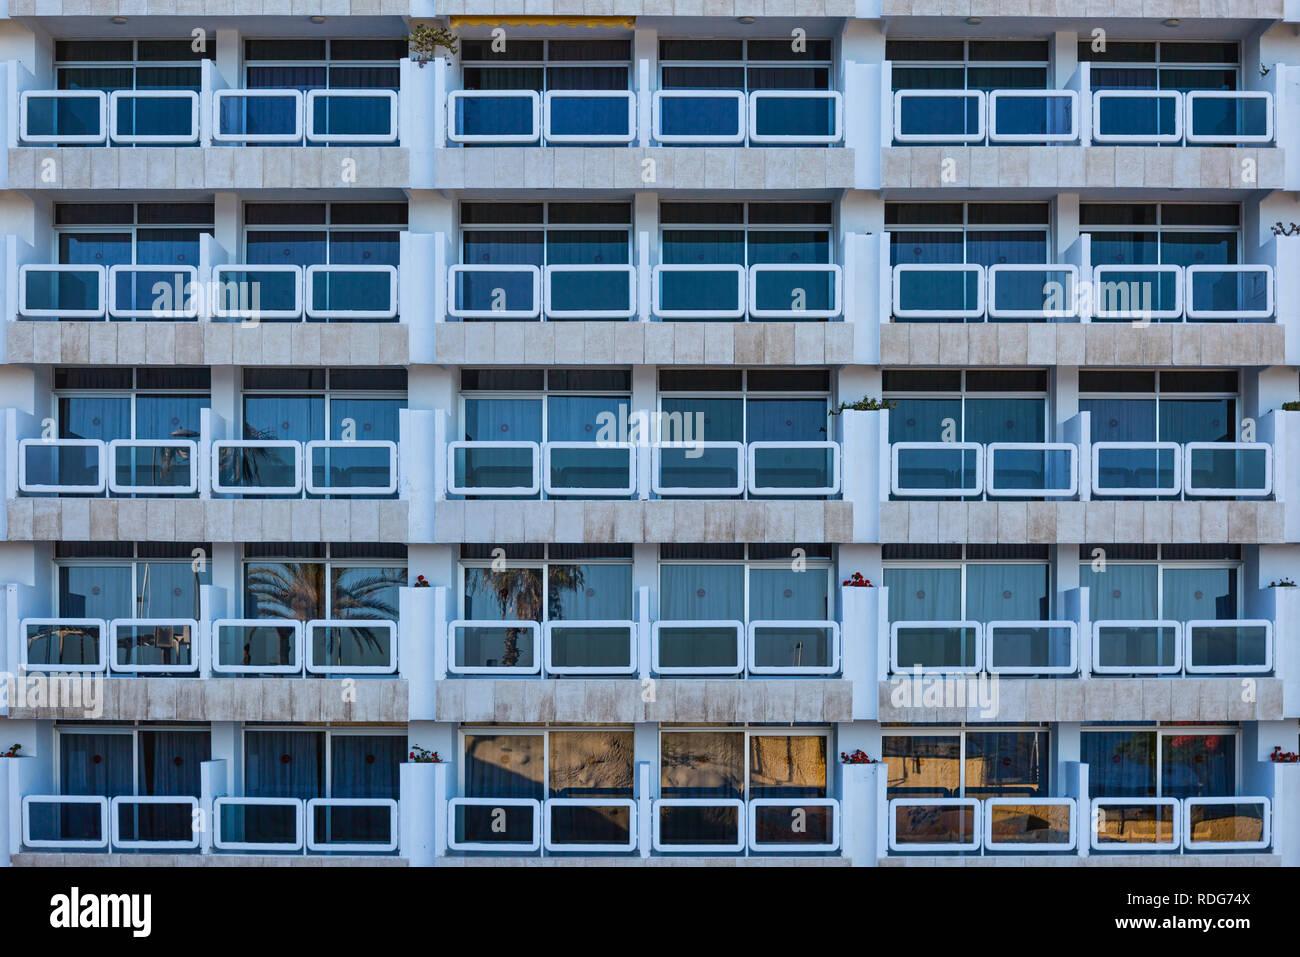 Fassade mit Fenster, Balkon und Türen - Stock Image